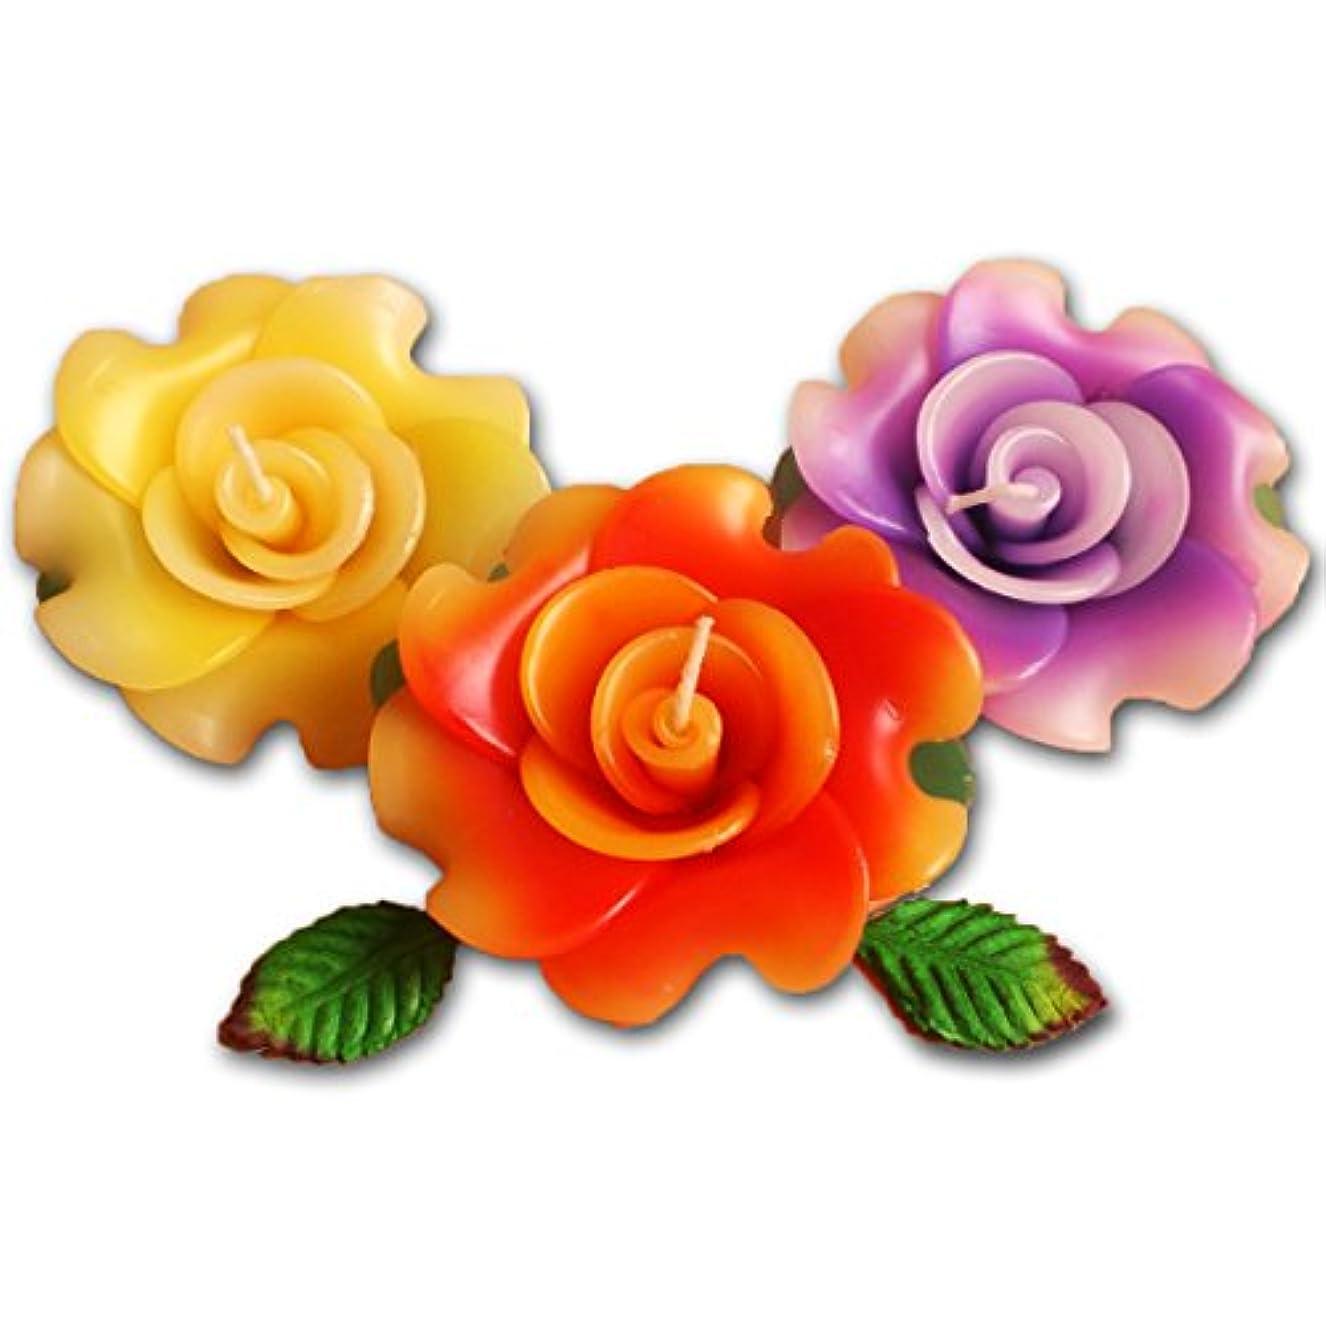 中で前進コショウフローティングキャンドル ローズ薔薇 12個入り アソート 香りつきアロマキャンドル 水に浮かぶ 退職ギフト 結婚式二次会プチギフト (12個入り)